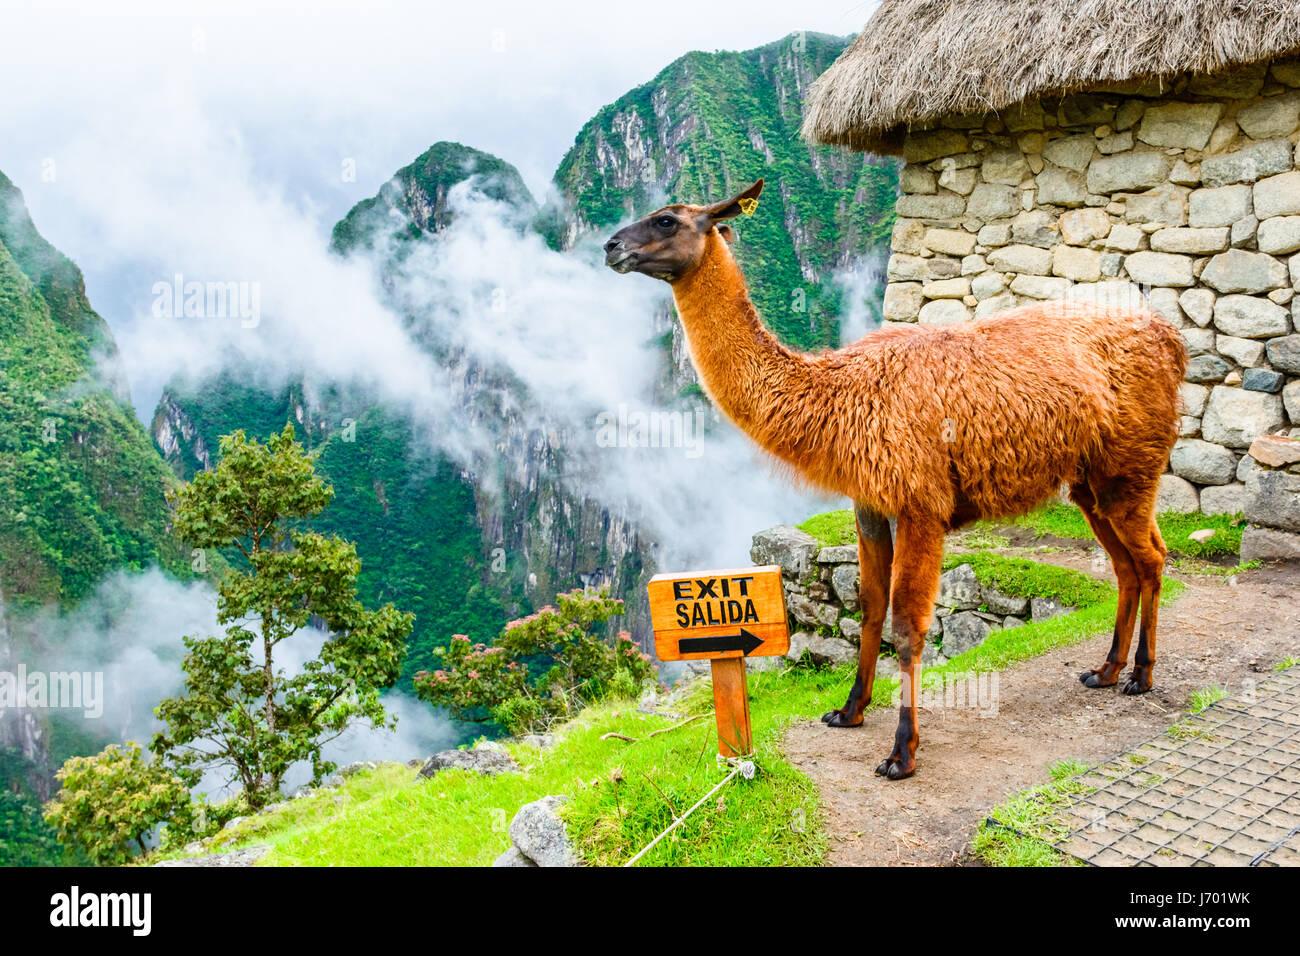 Machu Picchu, Incas ruins in the peruvian Andes at Cuzco Peru - Stock Image